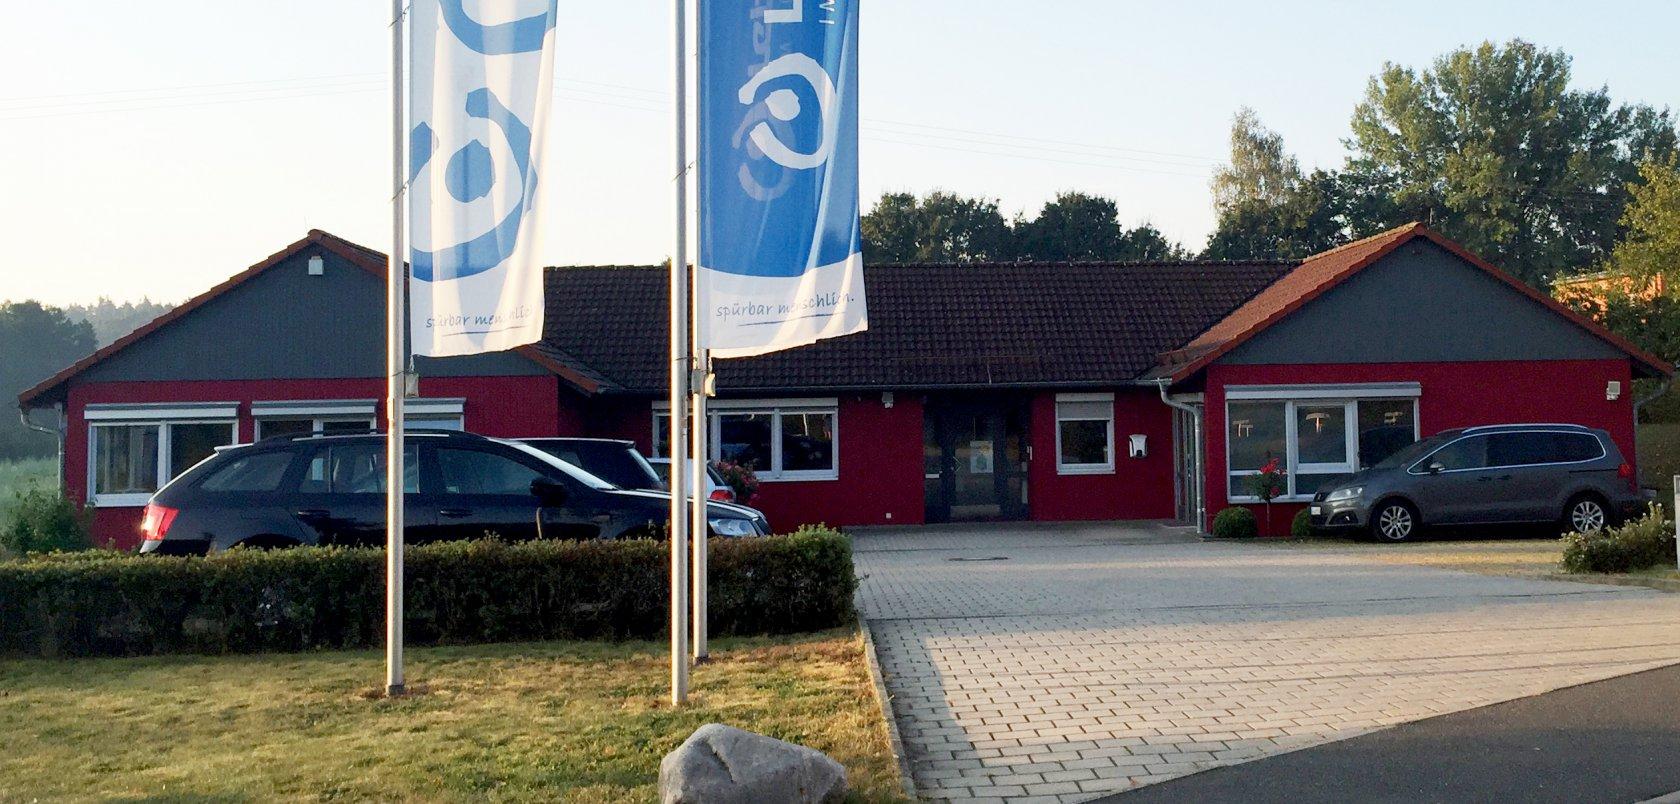 Die Hauptverwaltung der Lebenshilfe in Schönberg. 2006 wurde die Geschäftsstelle zuletzt erweitert.